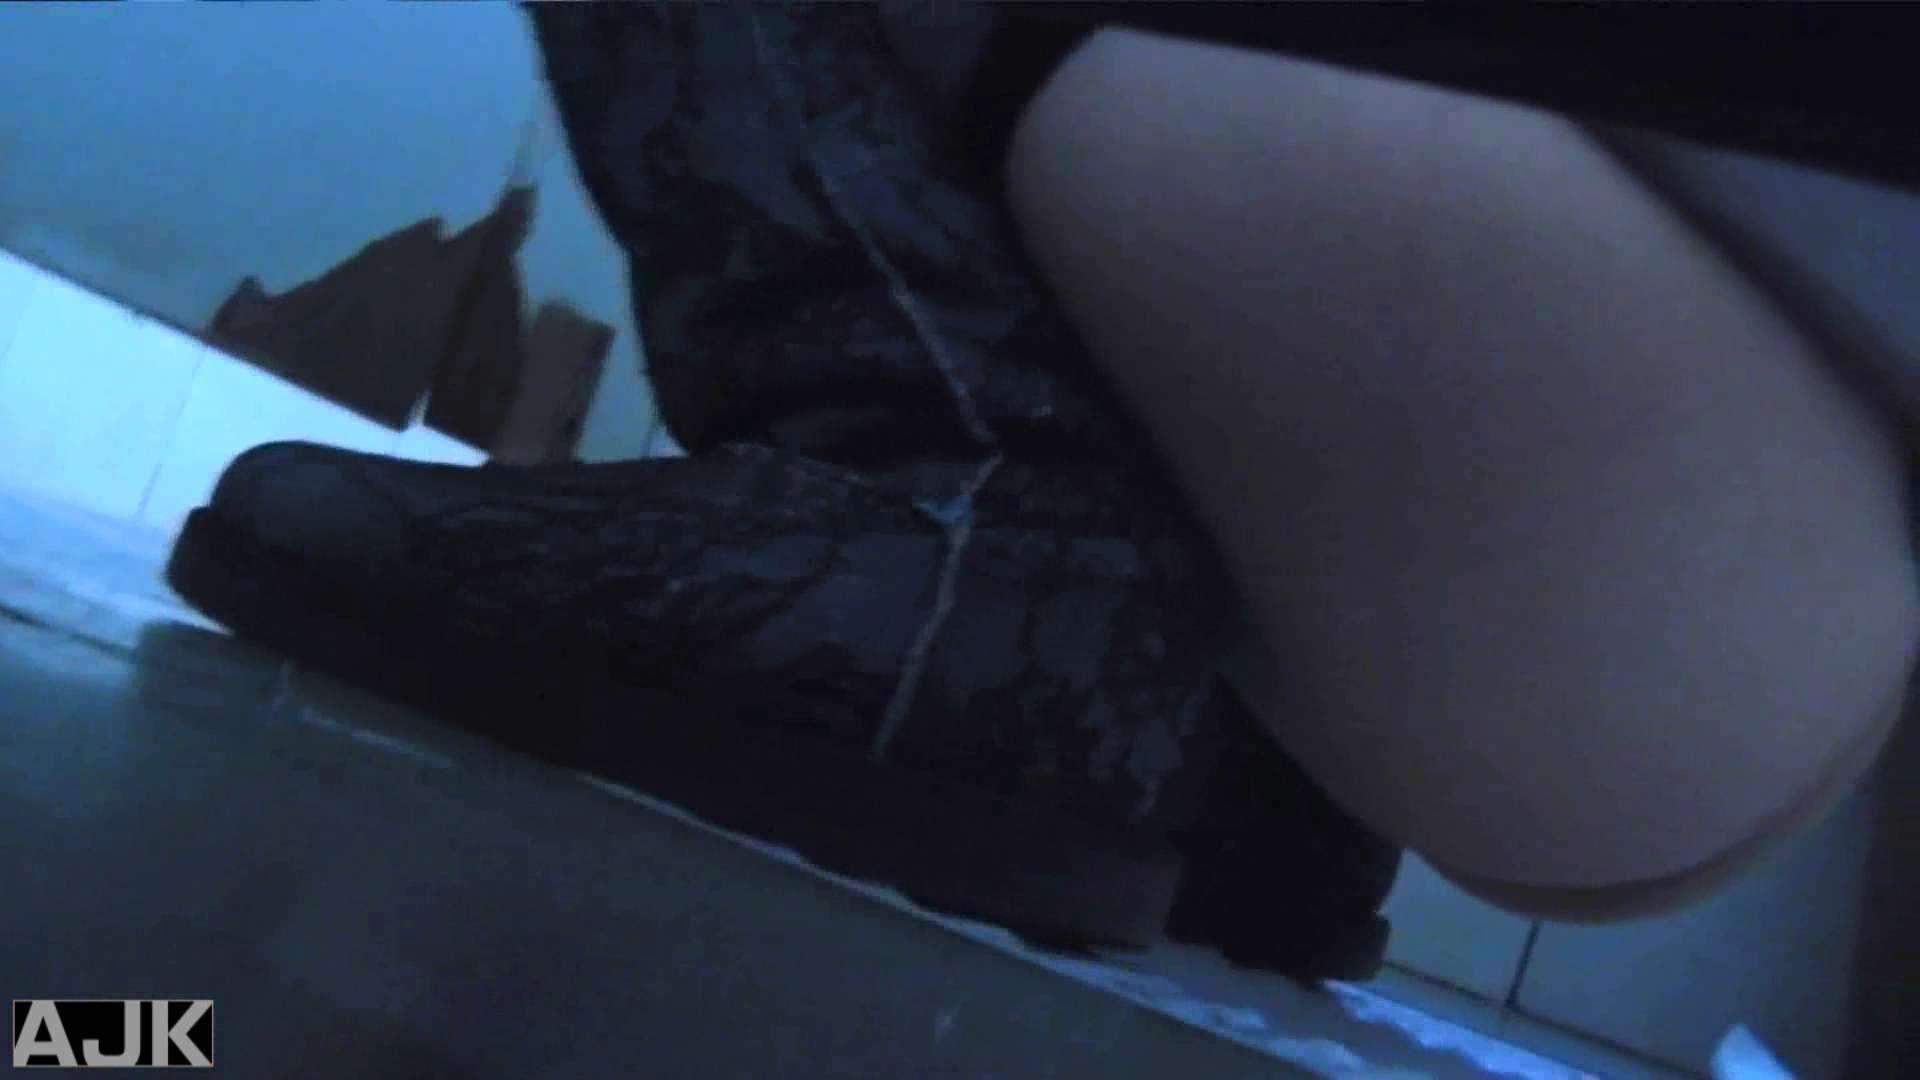 神降臨!史上最強の潜入かわや! vol.12 マンコ オメコ無修正動画無料 84連発 28